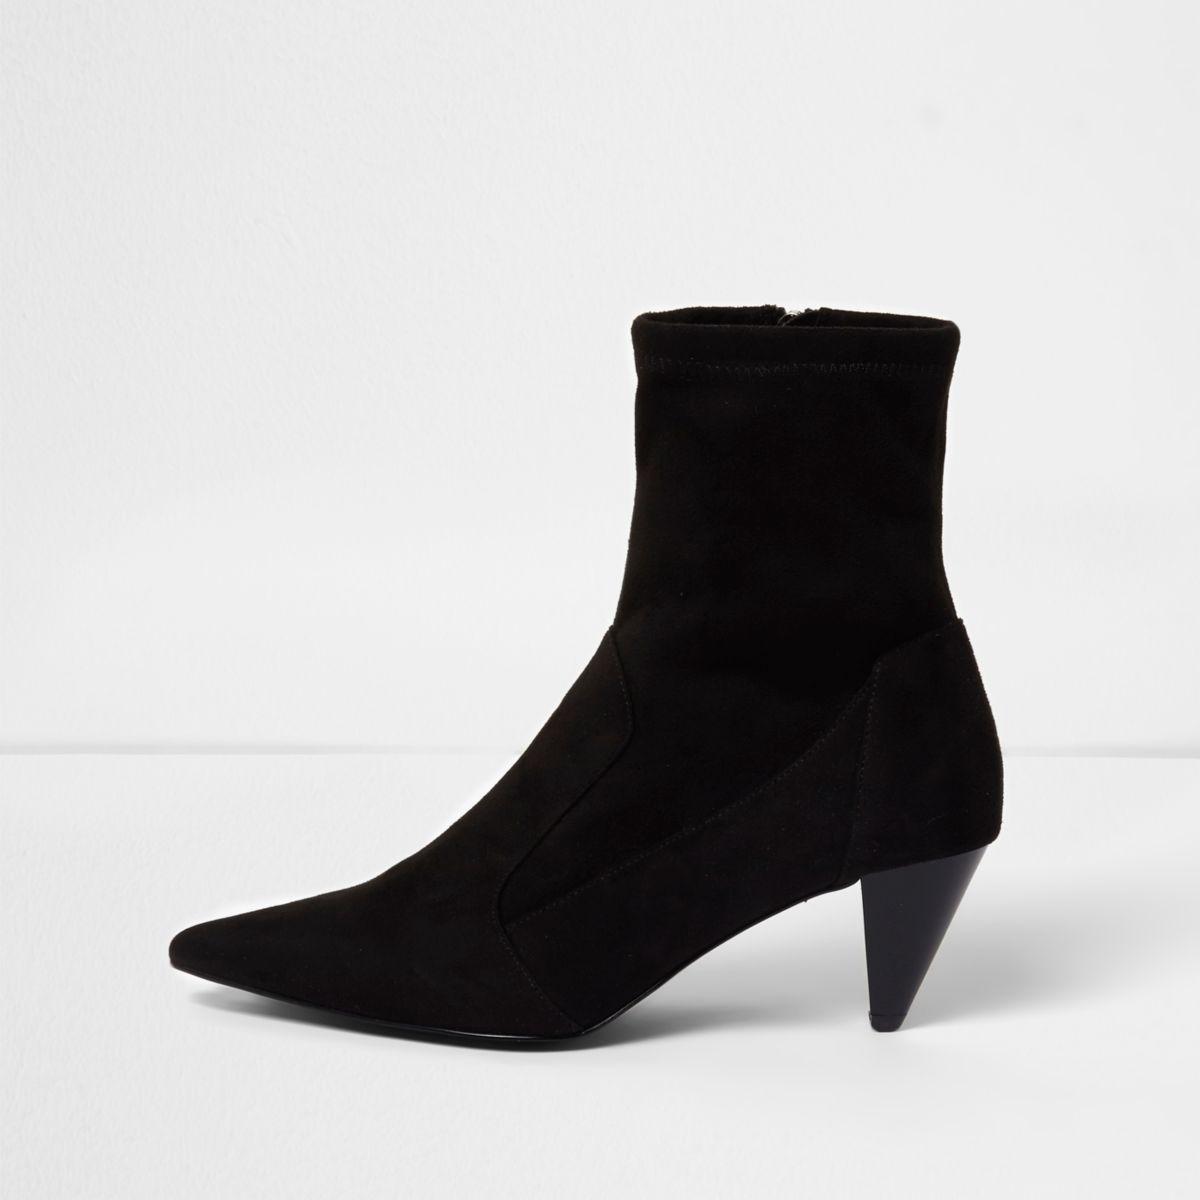 Schwarze Stiefel aus Wildlederimitat mit konischem Absatz